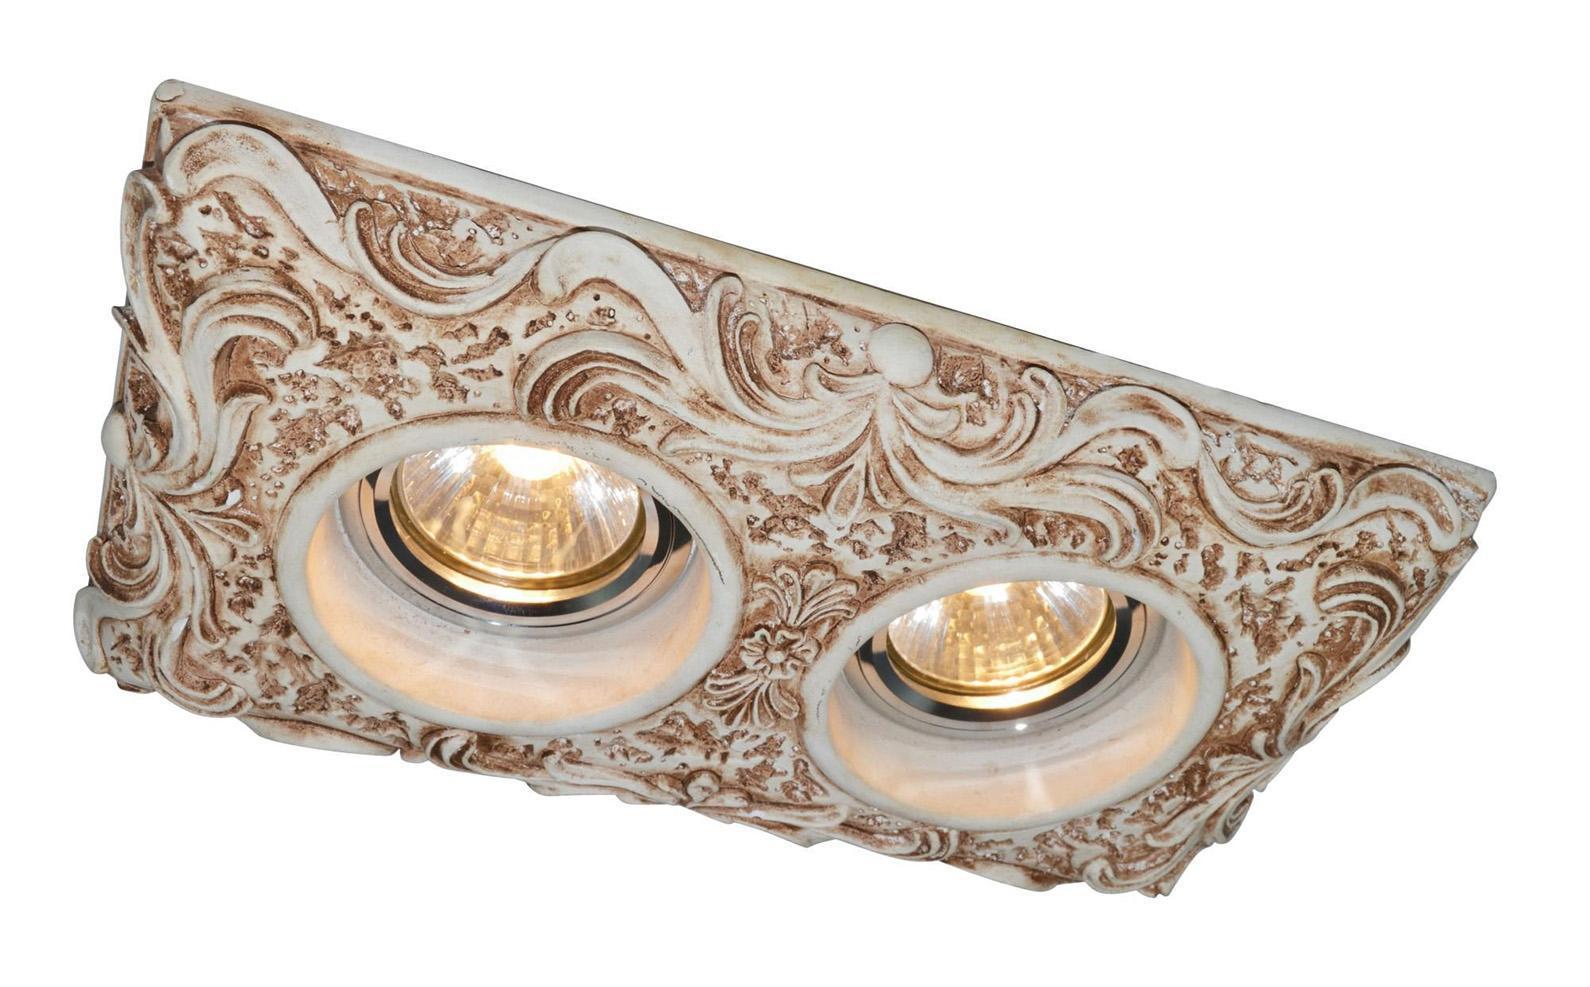 Светильник встраиваемый Arte lampСветильники встраиваемые<br>Стиль светильника: модерн,<br>Диаметр: 125,<br>Форма светильника: прямоугольник,<br>Материал светильника: металл,<br>Количество ламп: 2,<br>Тип лампы: накаливания,<br>Мощность: 100,<br>Патрон: GU10,<br>Цвет арматуры: белый,<br>Назначение светильника: для комнаты,<br>Коллекция: 5208<br>